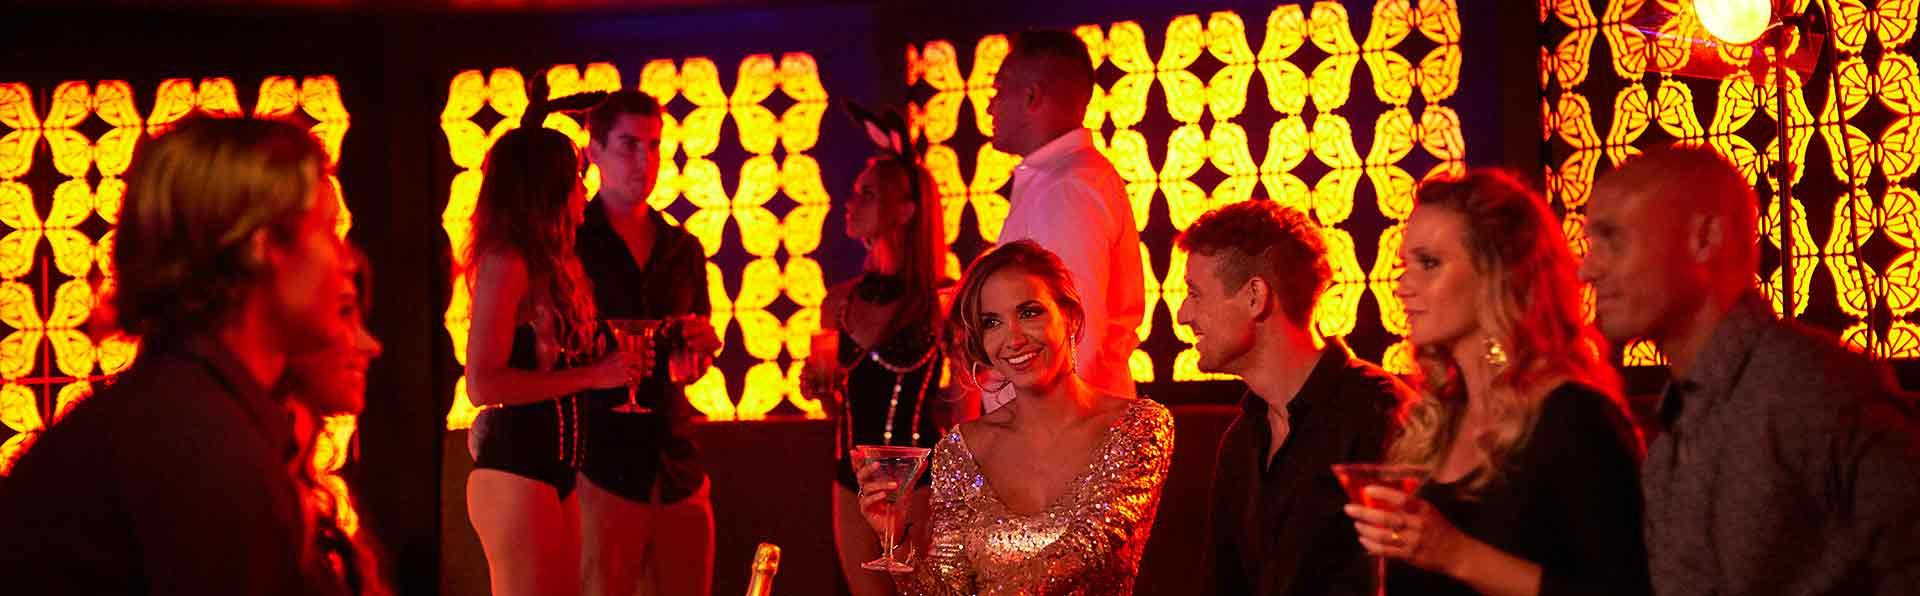 'Y' Nightclub